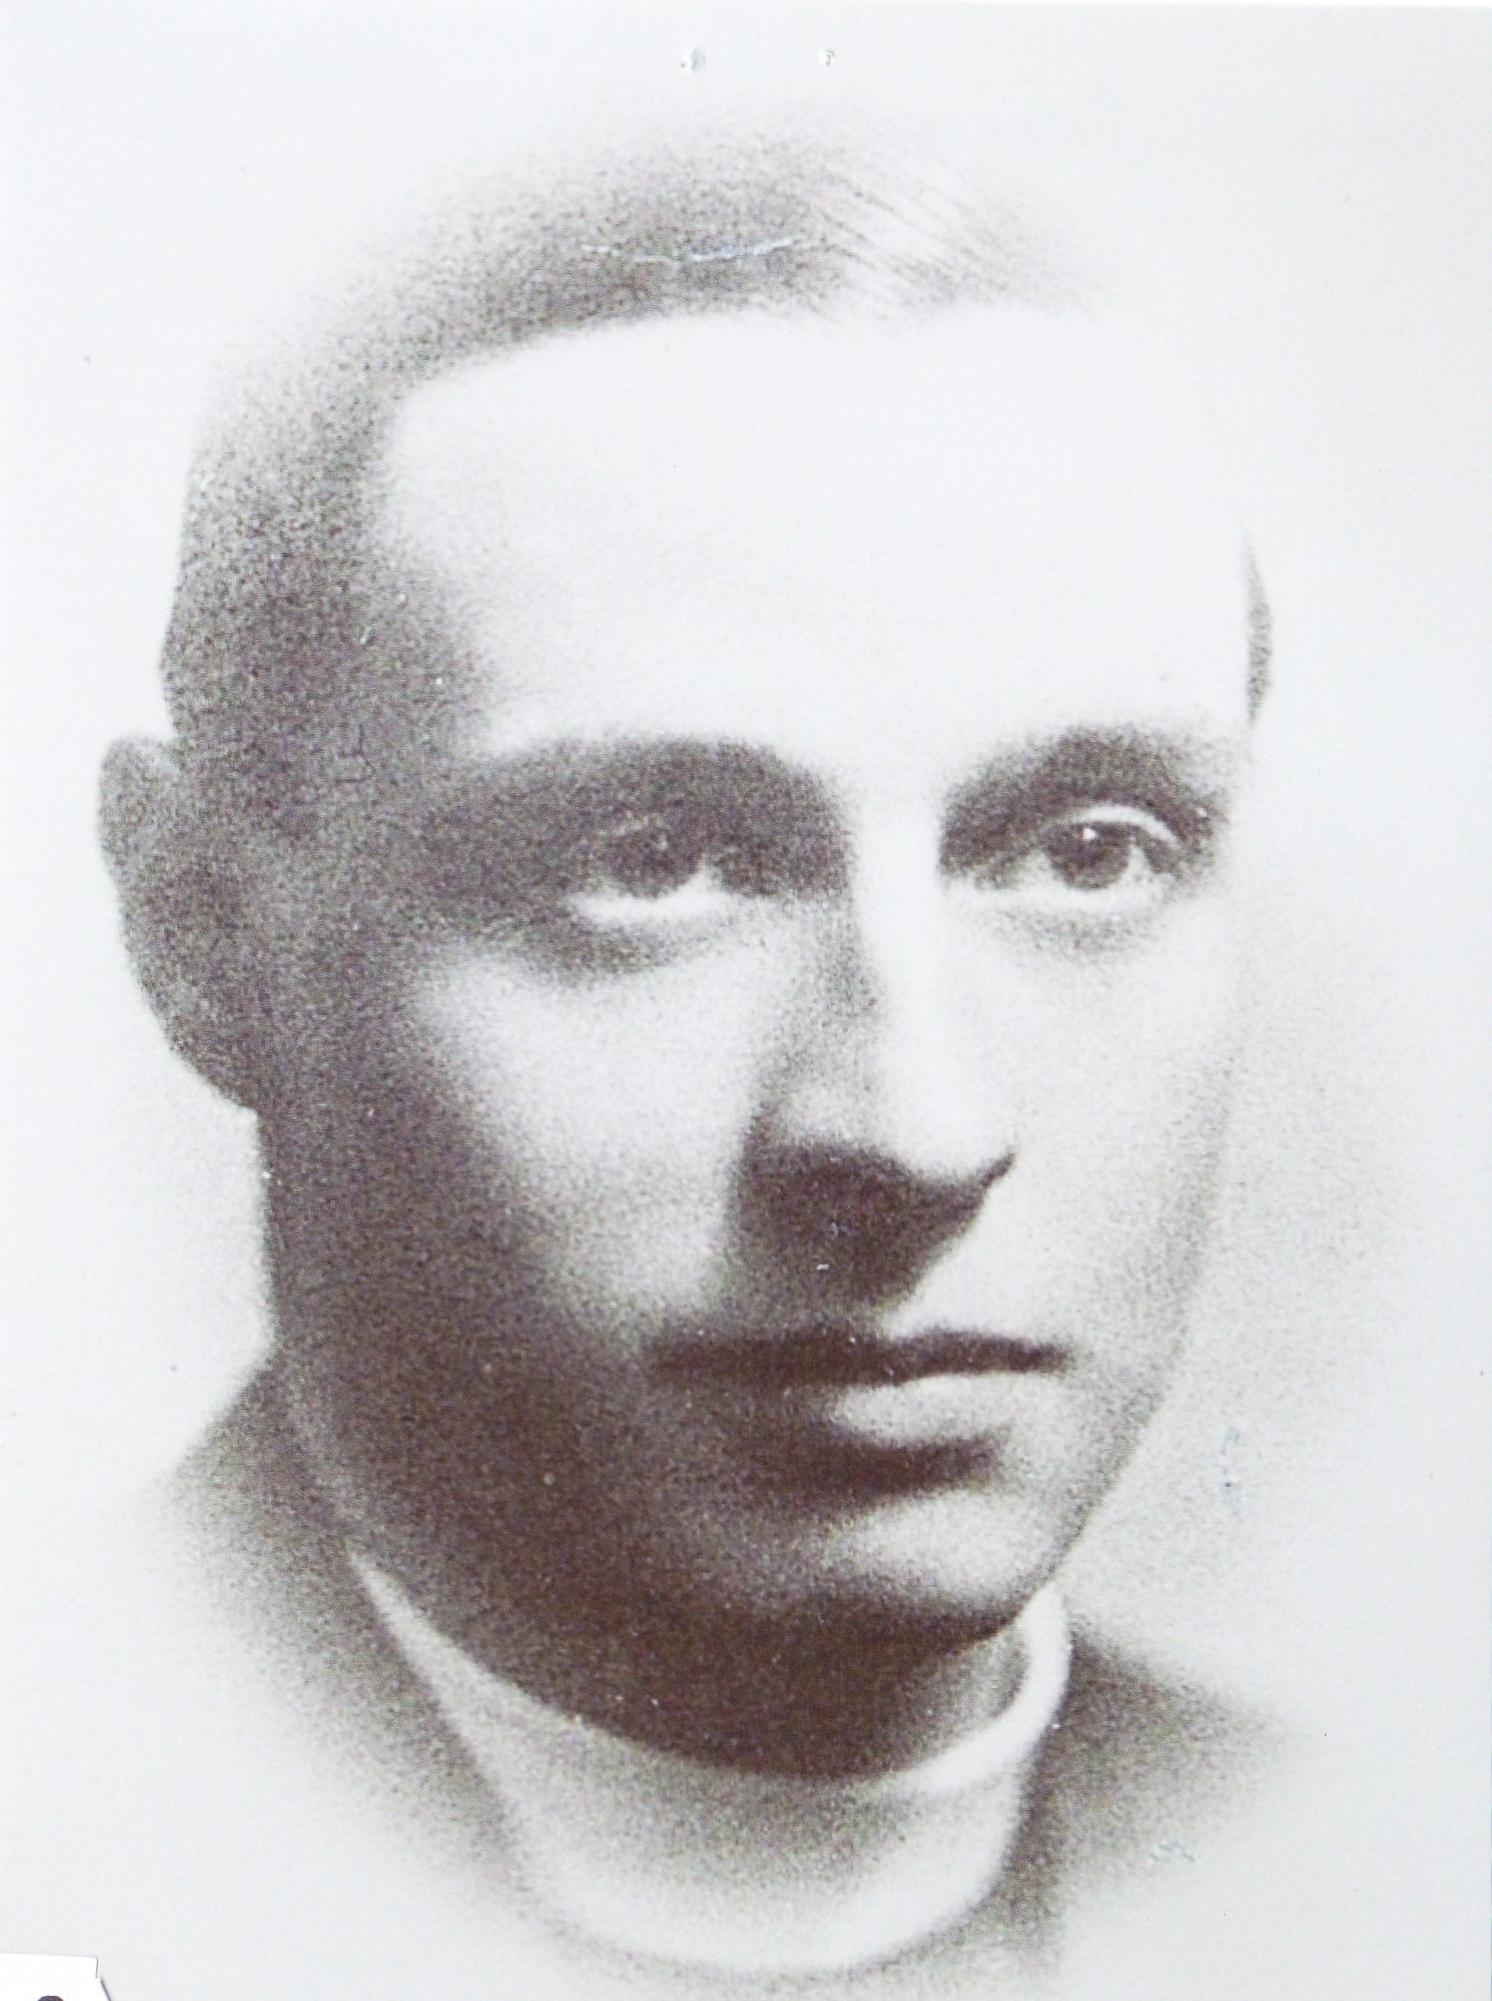 Patrick Broun